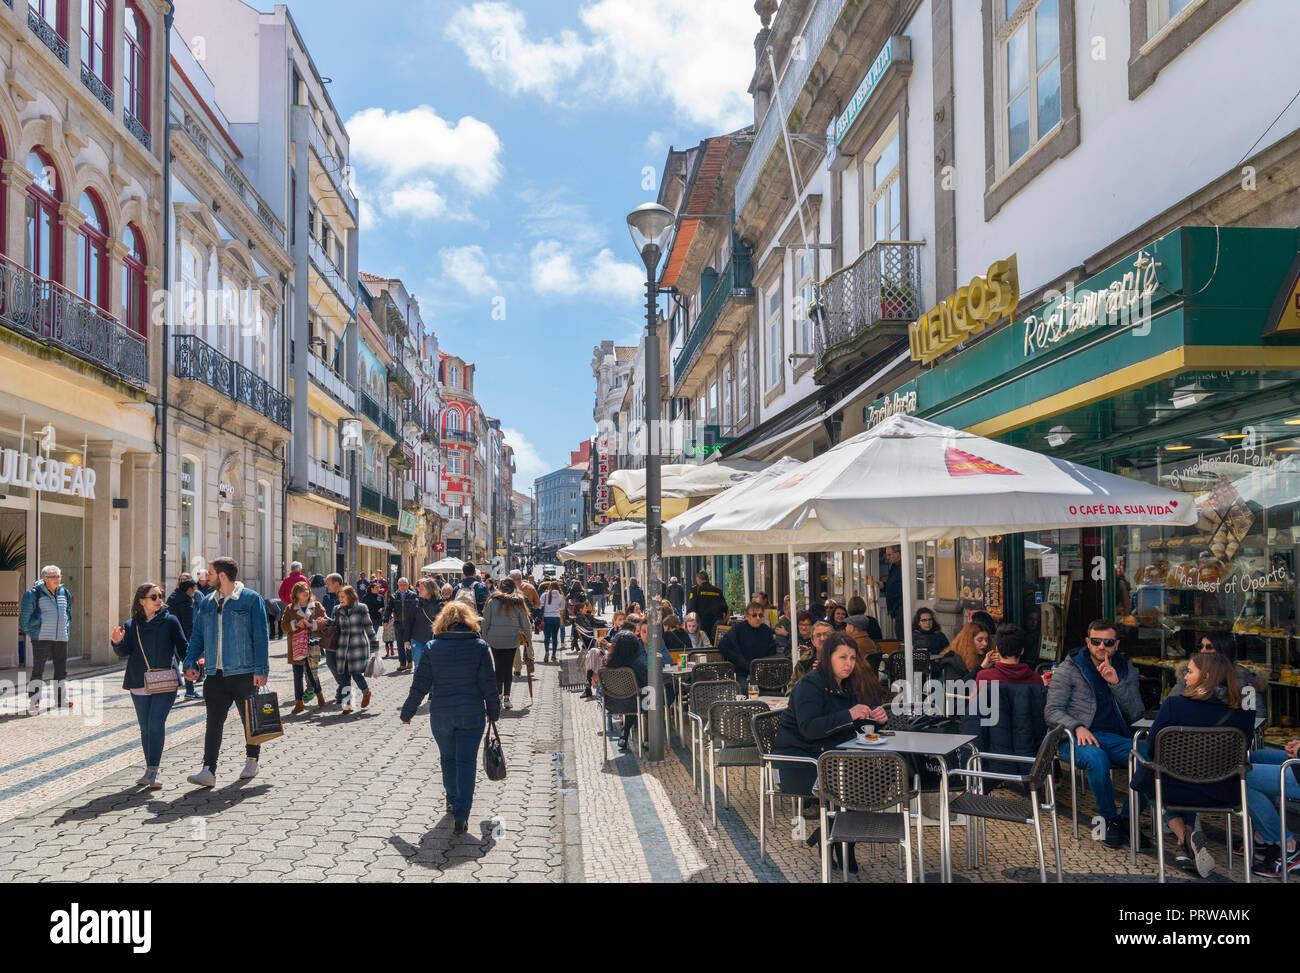 Shops and restaurant on Rua de Santa Catarina in the city centre, Porto, Portugal - Stock Image